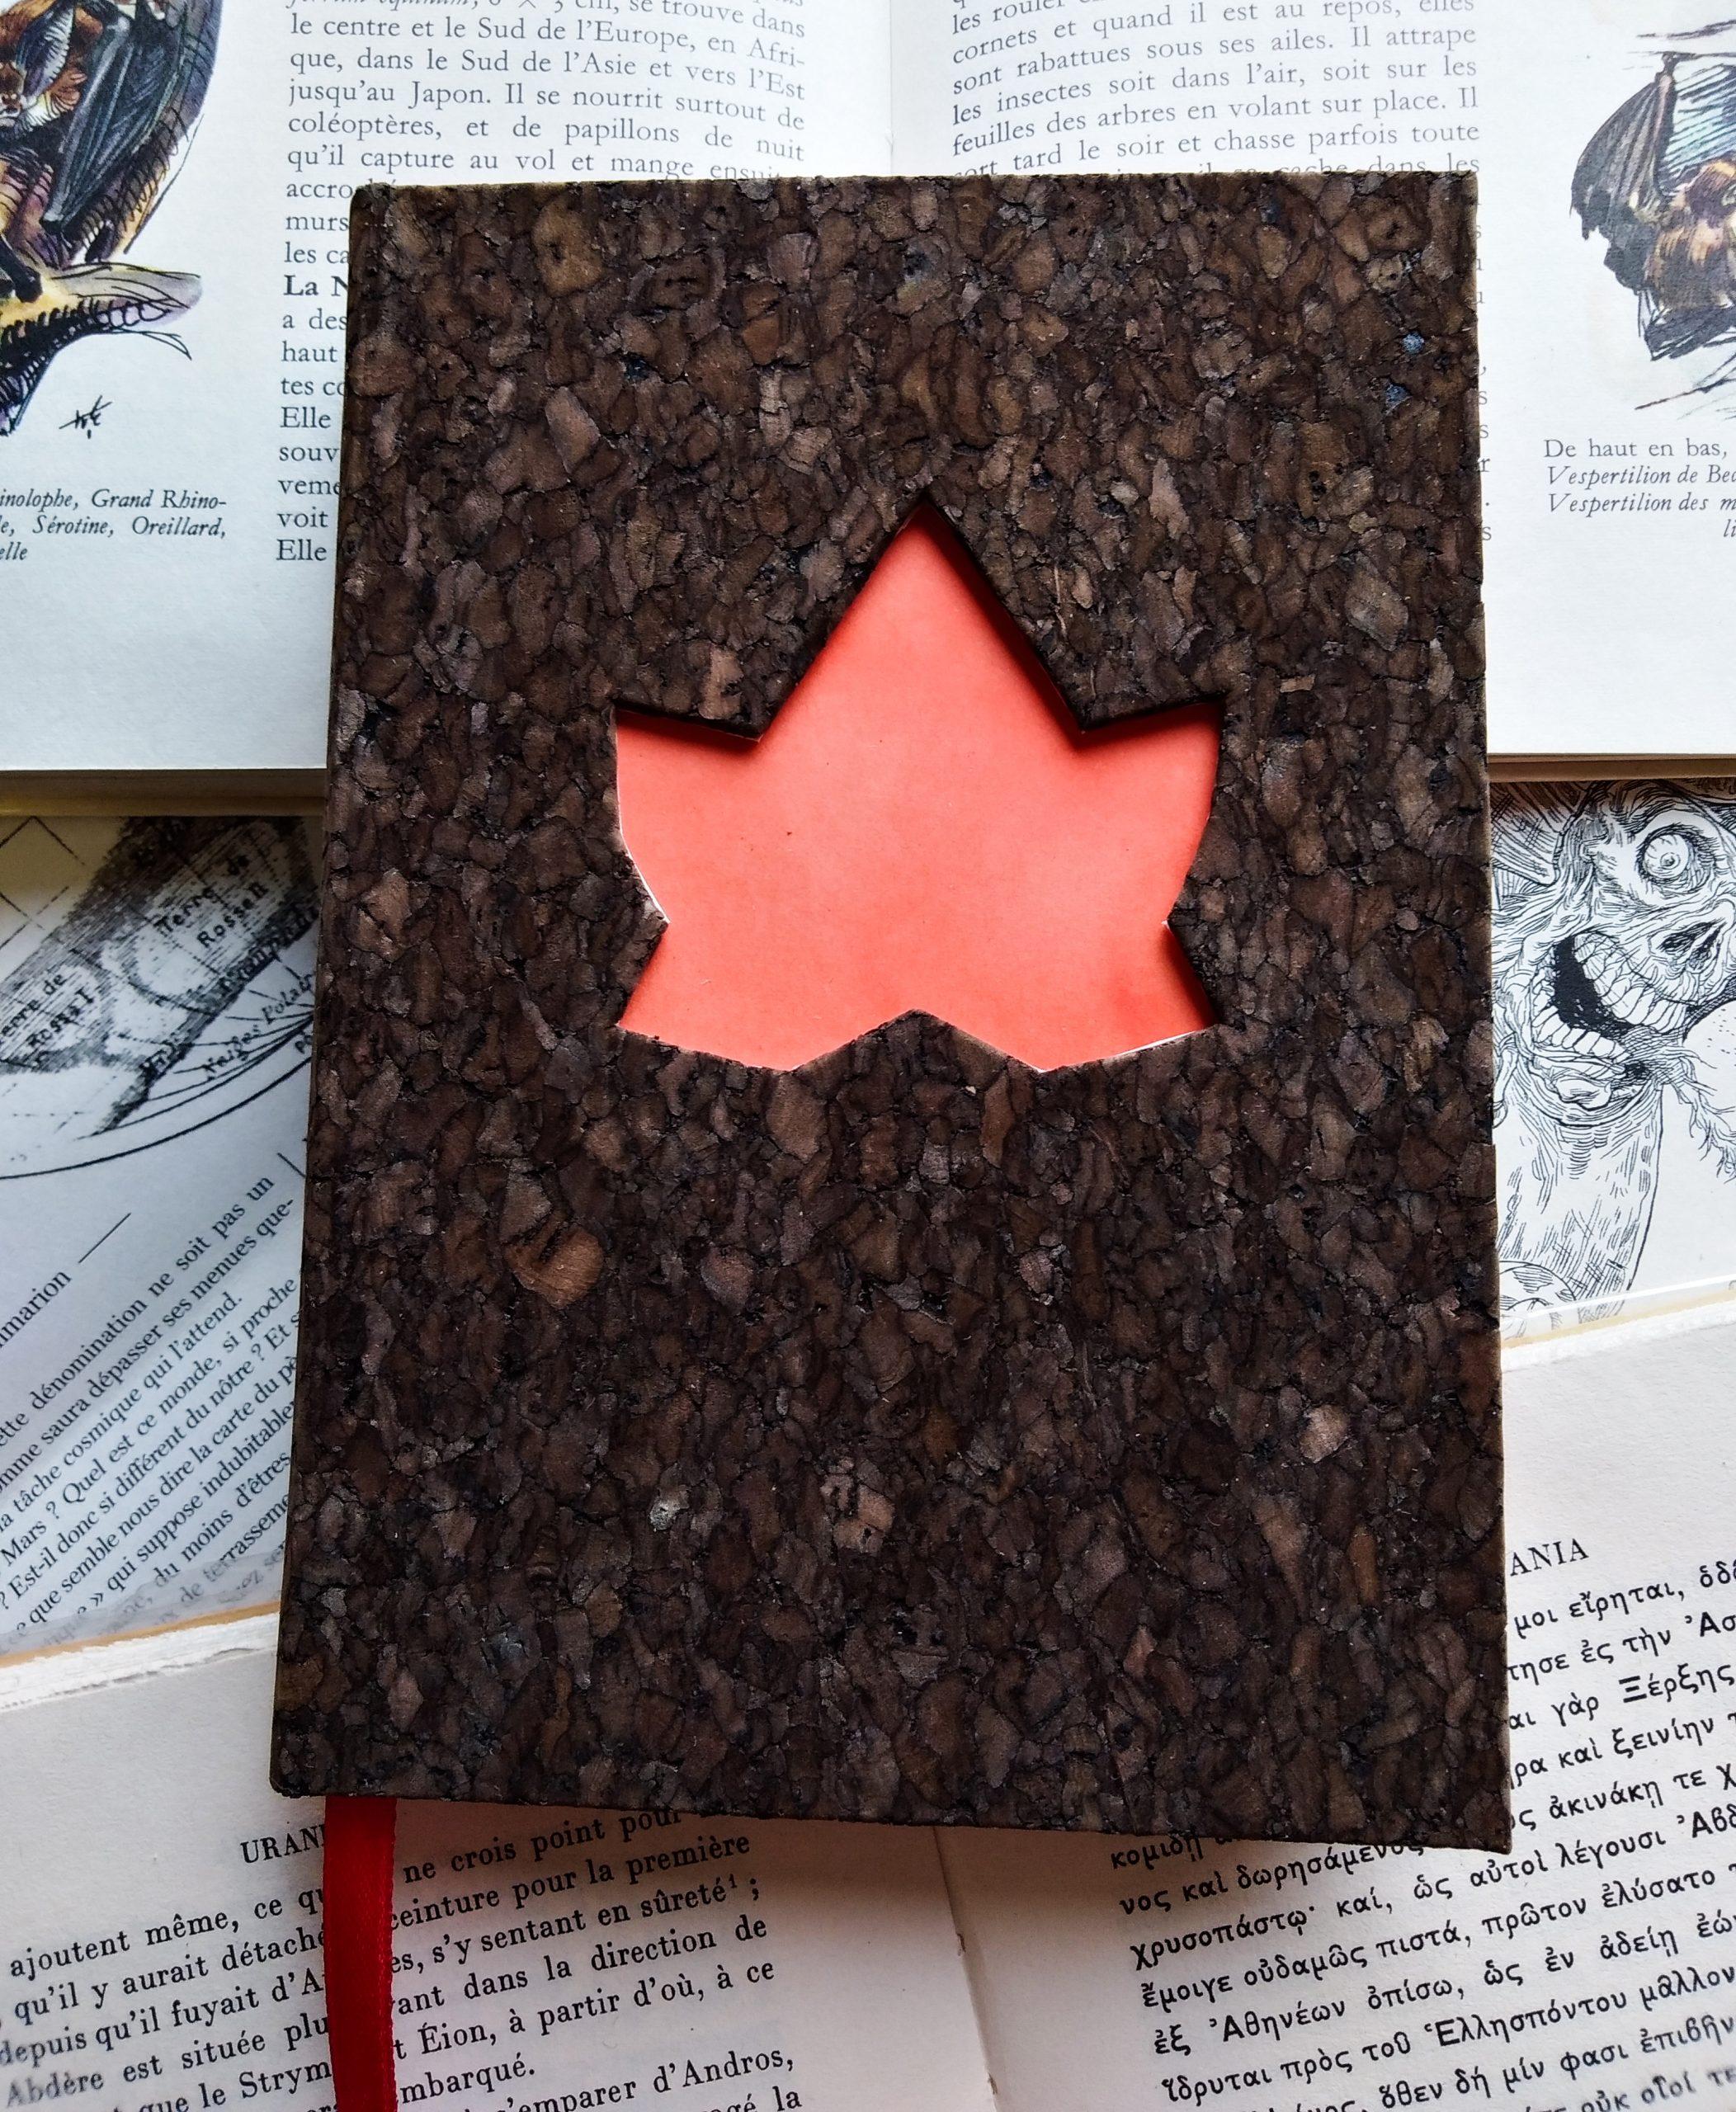 Carnet couvert en liège sombre, avec une ouverture en forme de feuille de lierre dans la couverture.